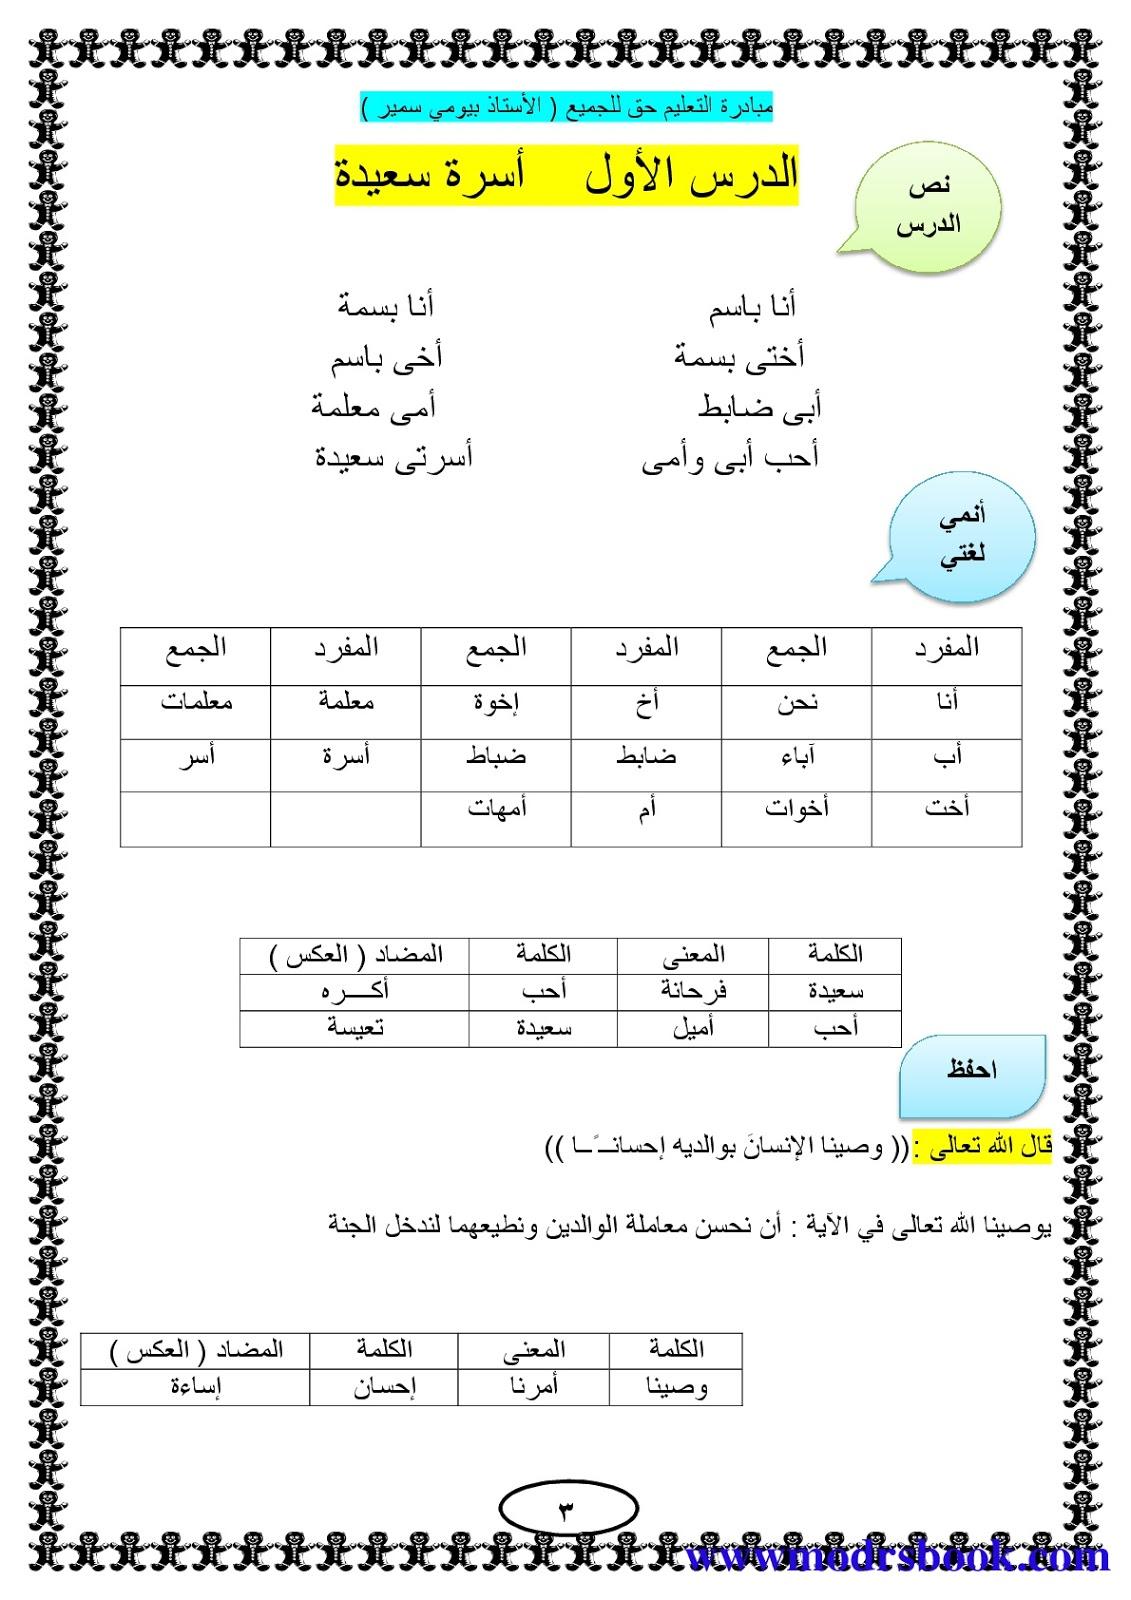 مذكرة لغة عربية الصف الاول الابتدائي ترم ثاني 2017